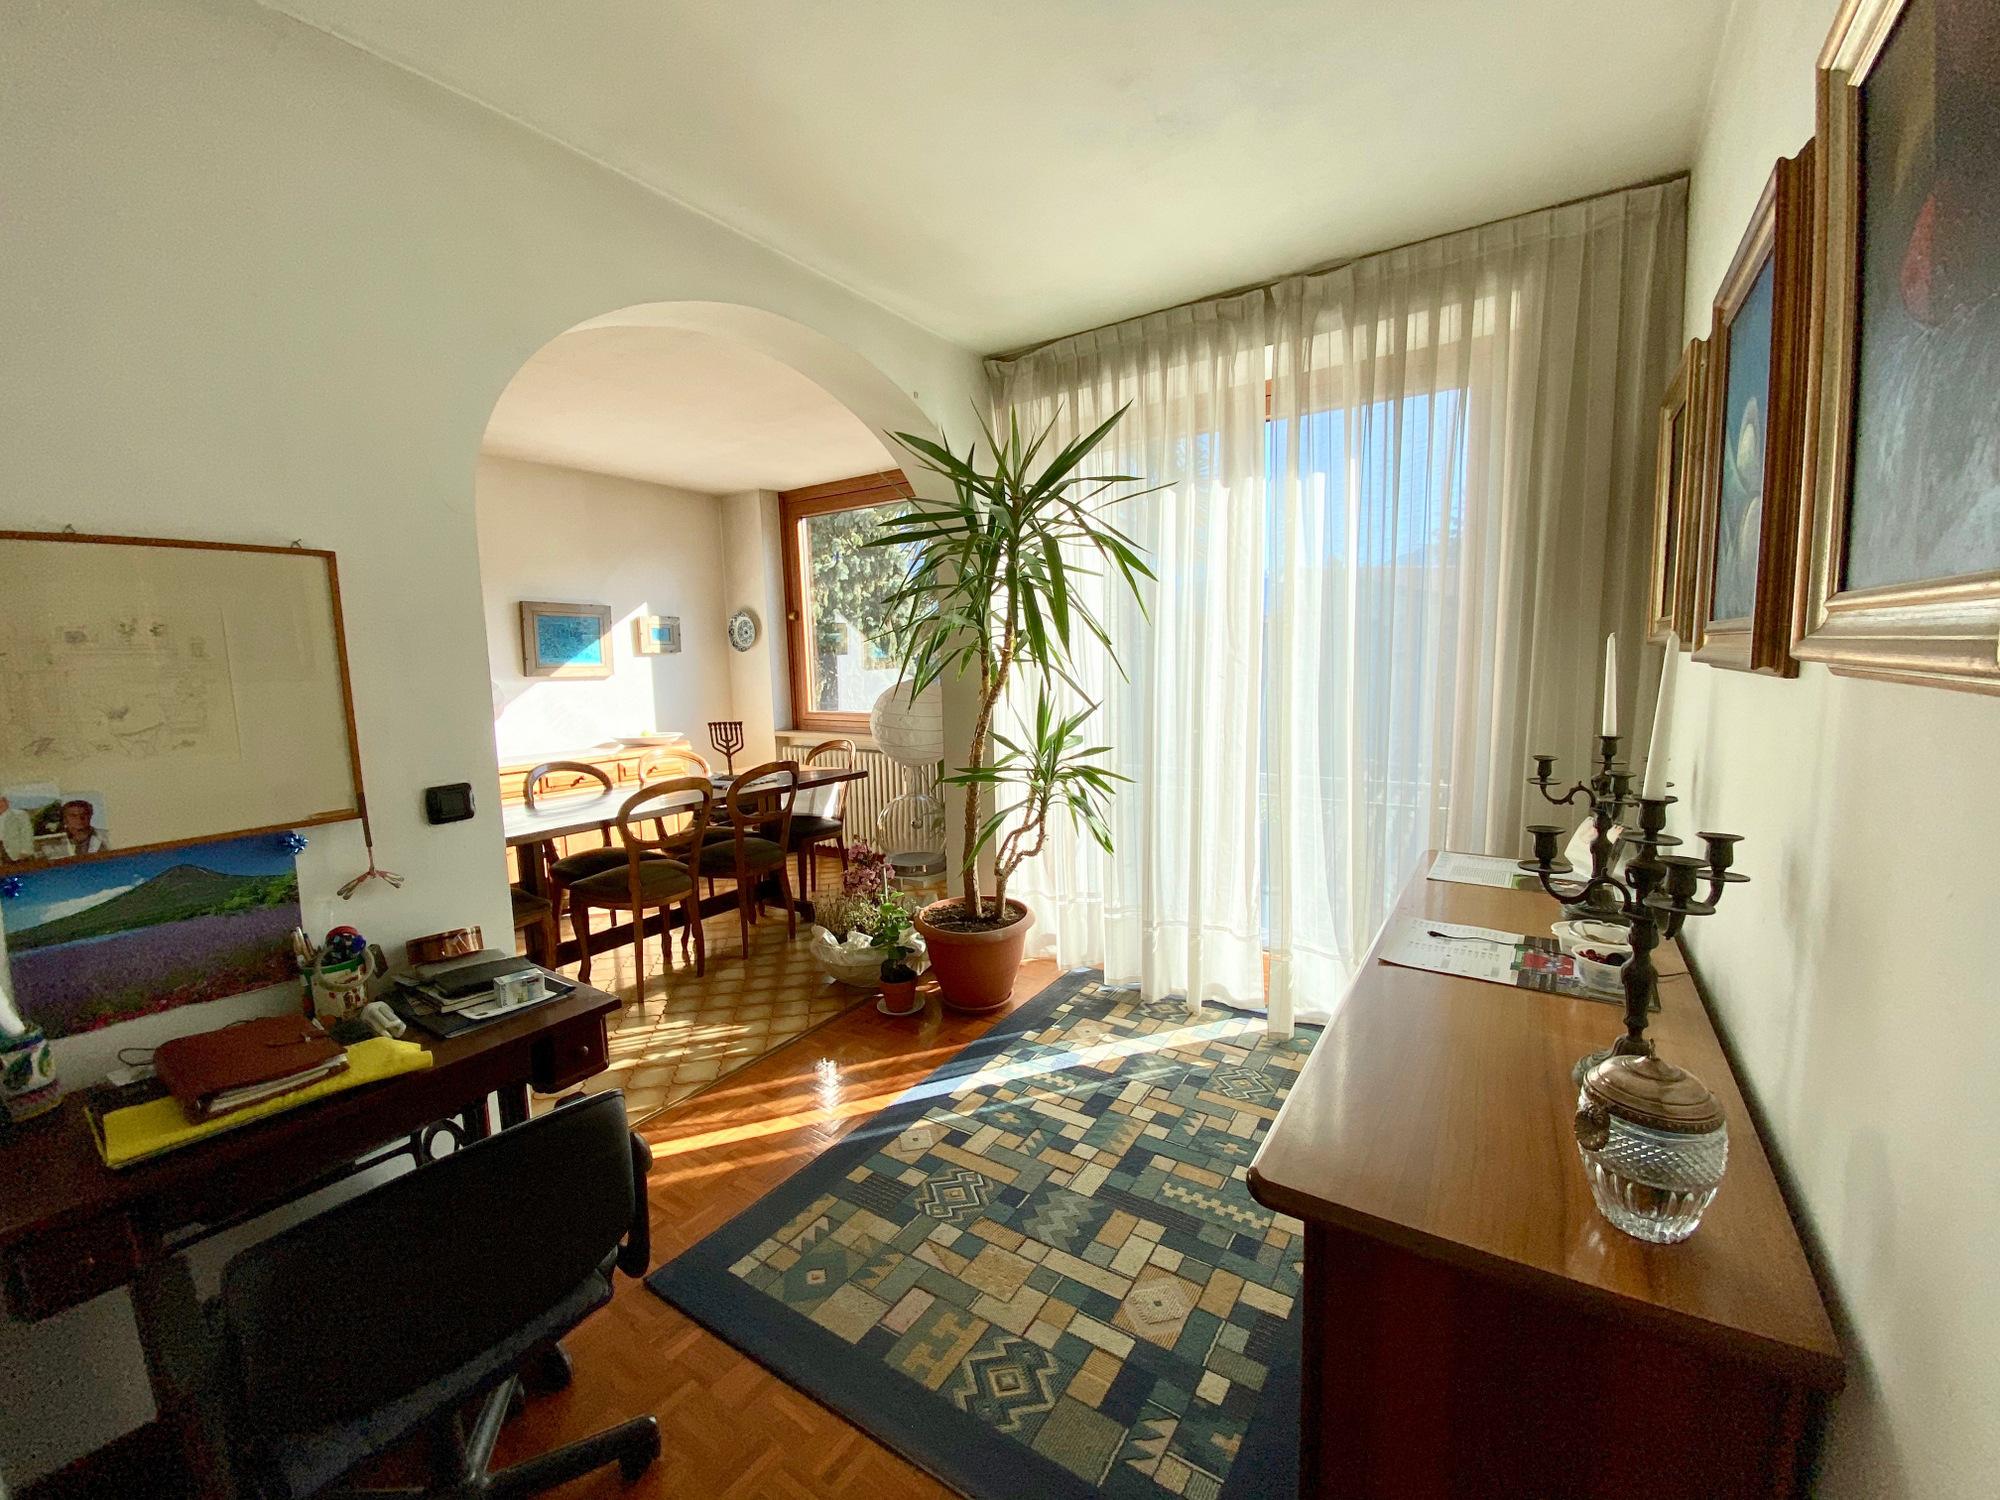 Wohnung Gera Kaufen : comer see gera lario wohnung mit terrasse und seeblick ~ Watch28wear.com Haus und Dekorationen